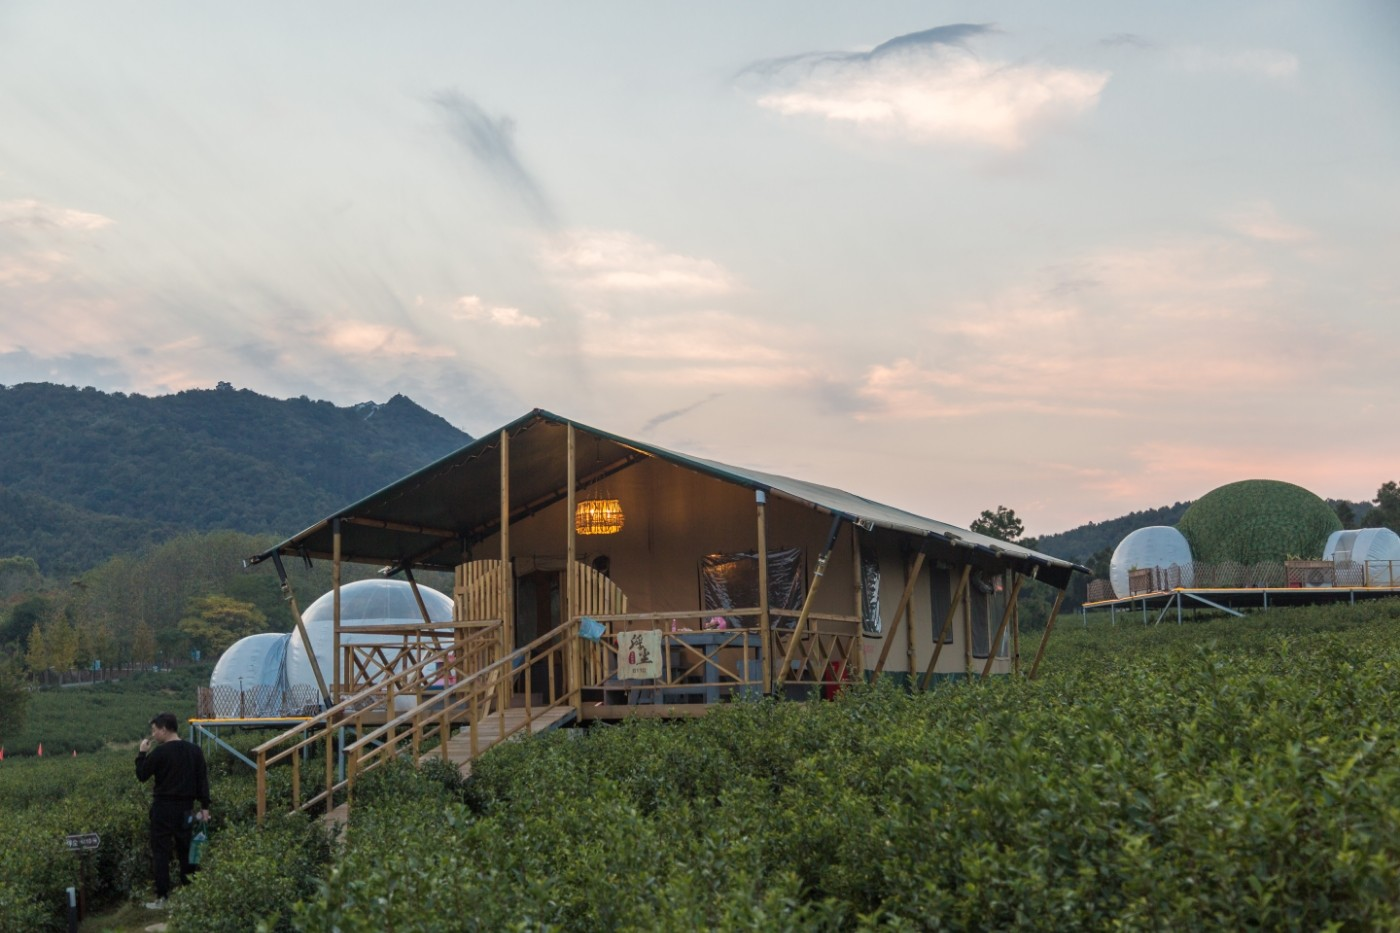 喜马拉雅野奢帐篷酒店—宝盛园夜色12